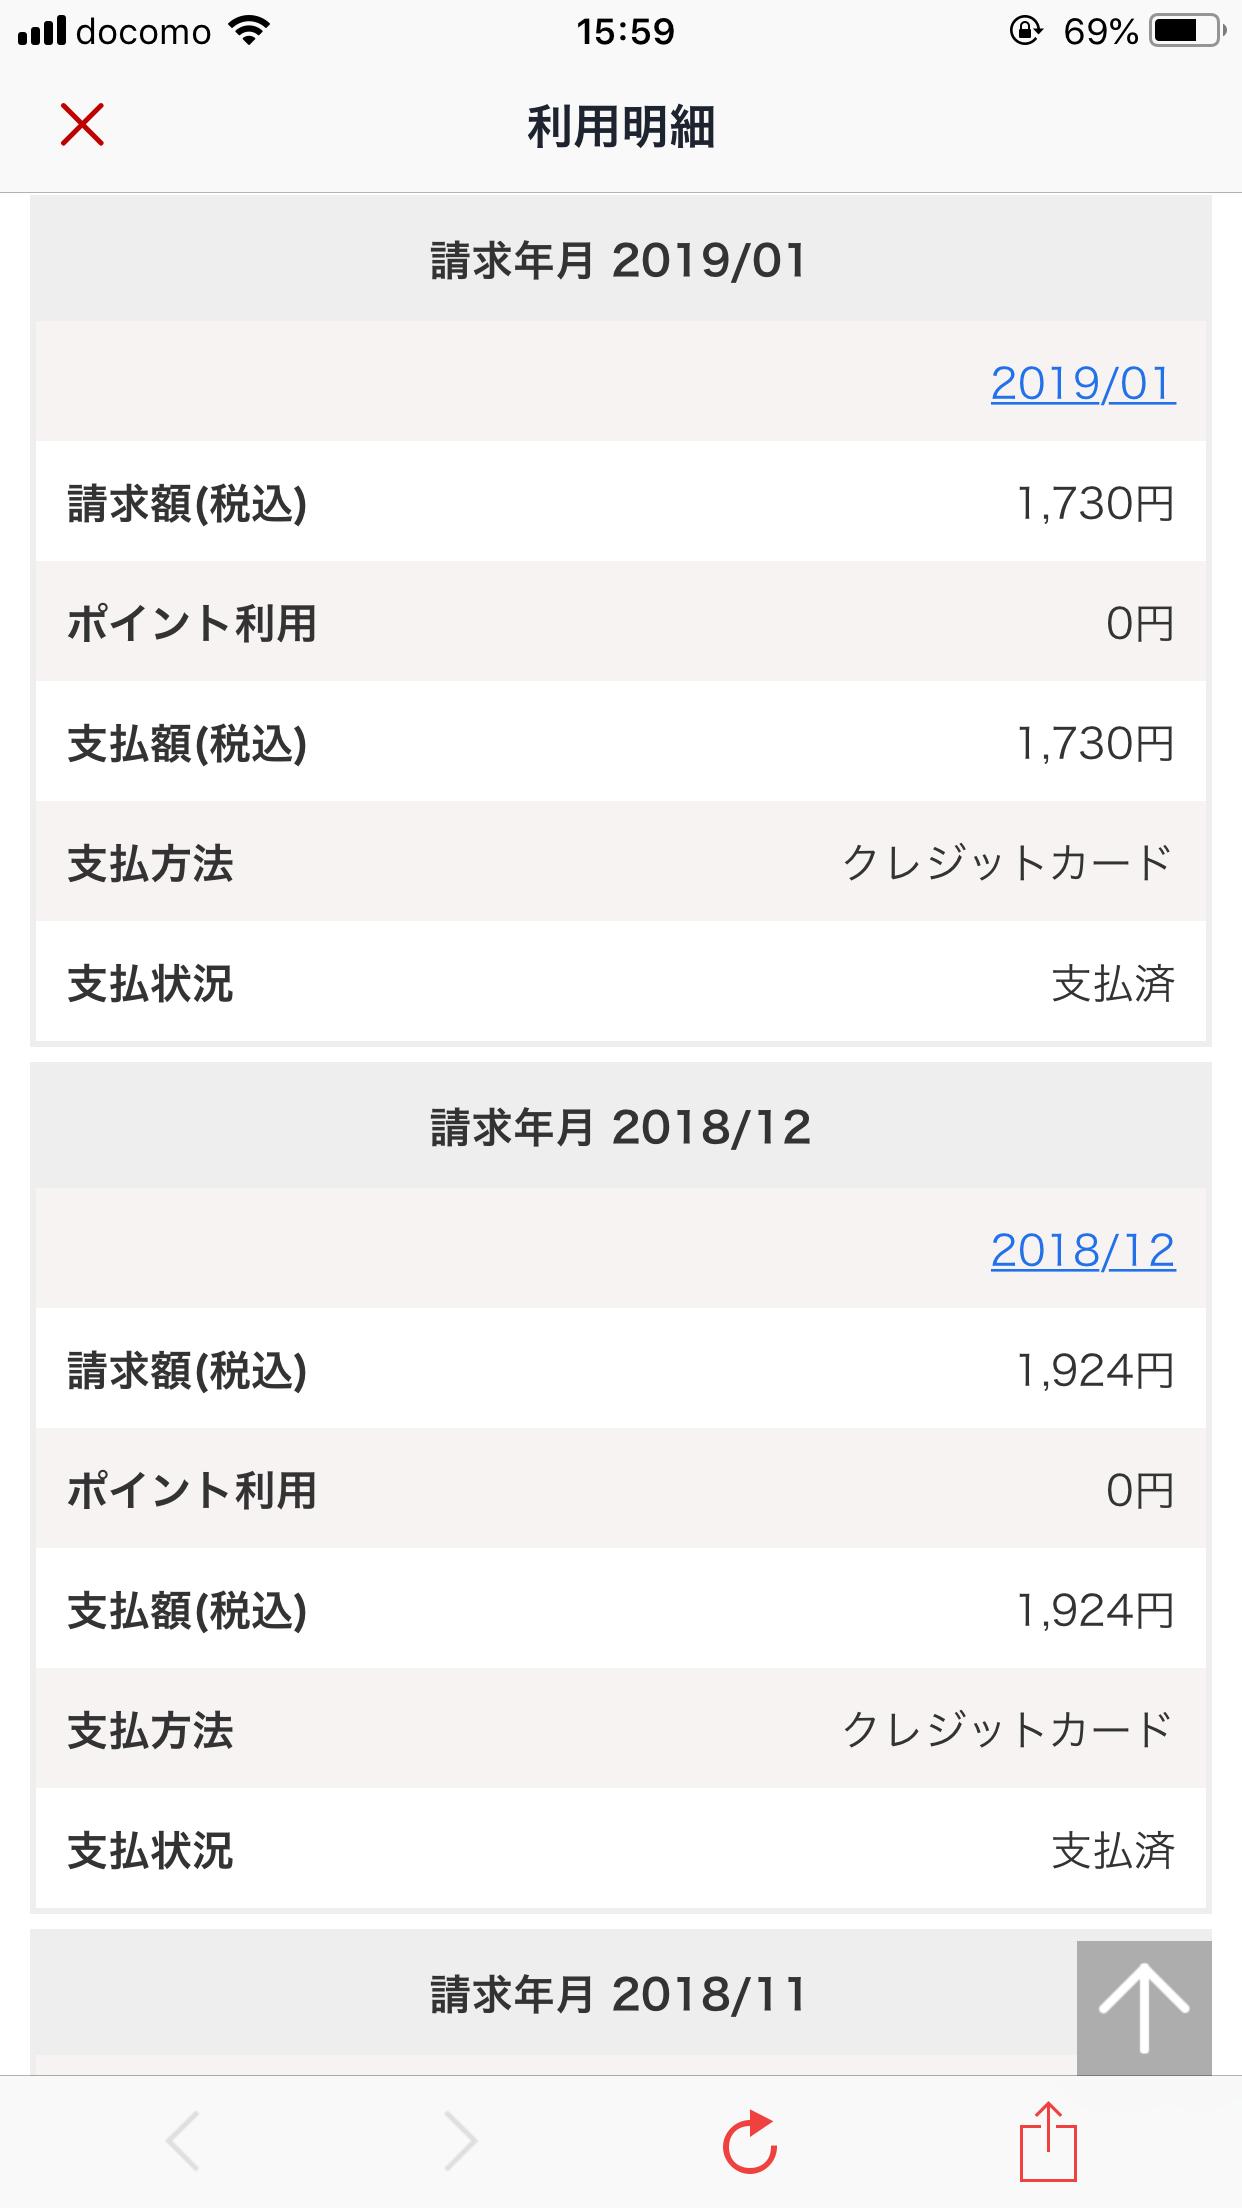 利用明細(2018/12〜2019/01)